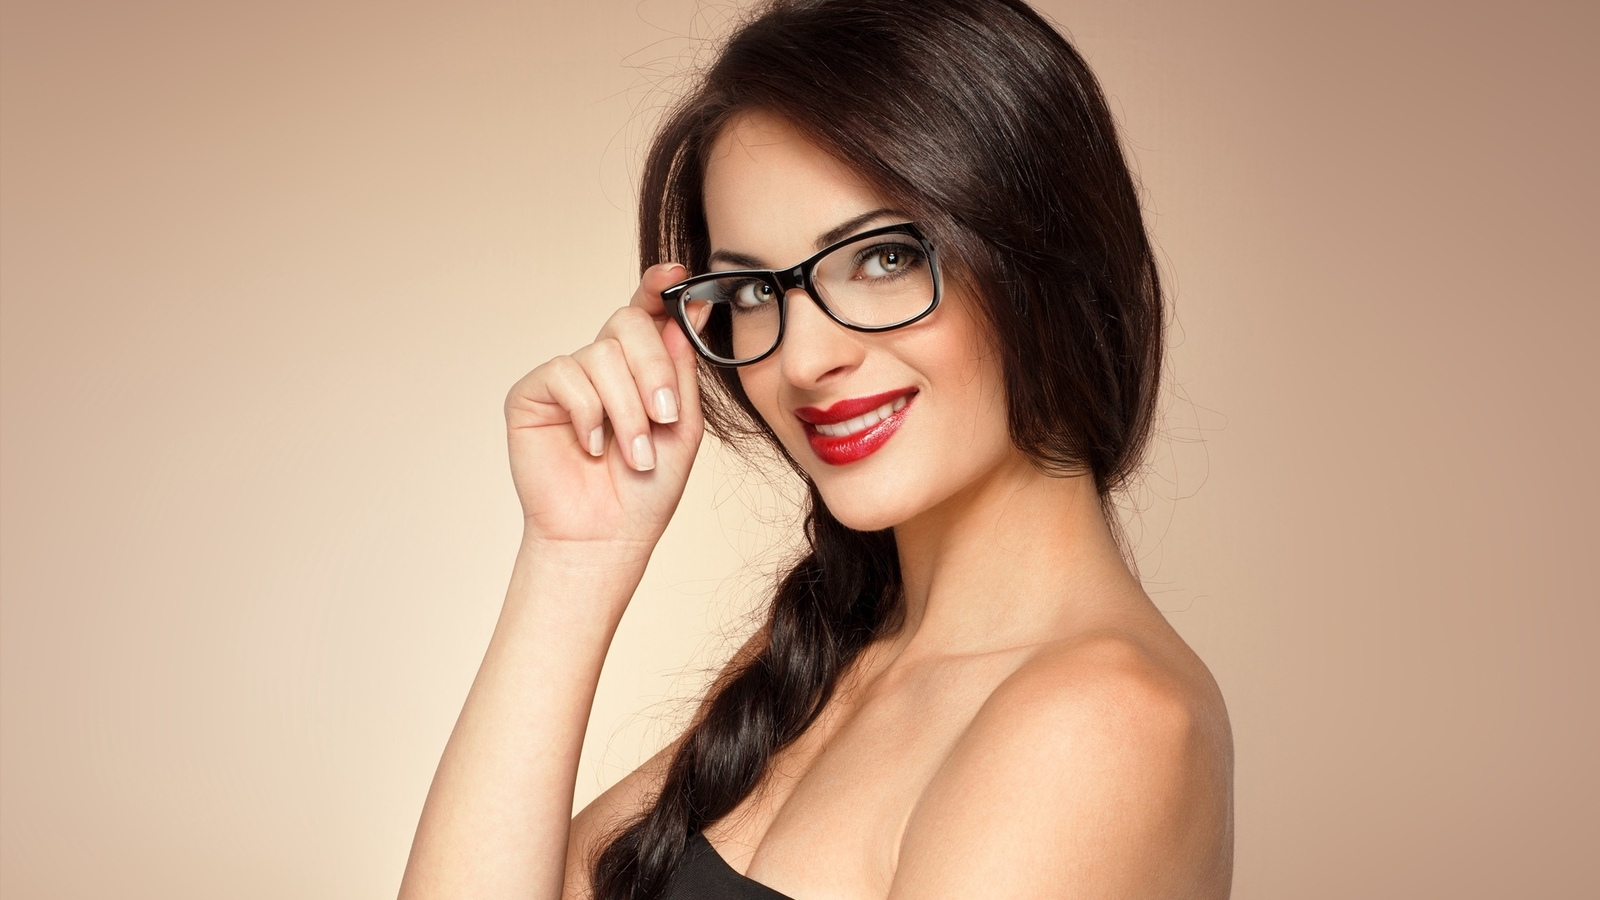 Фото красивых девушек с улыбкой в очках